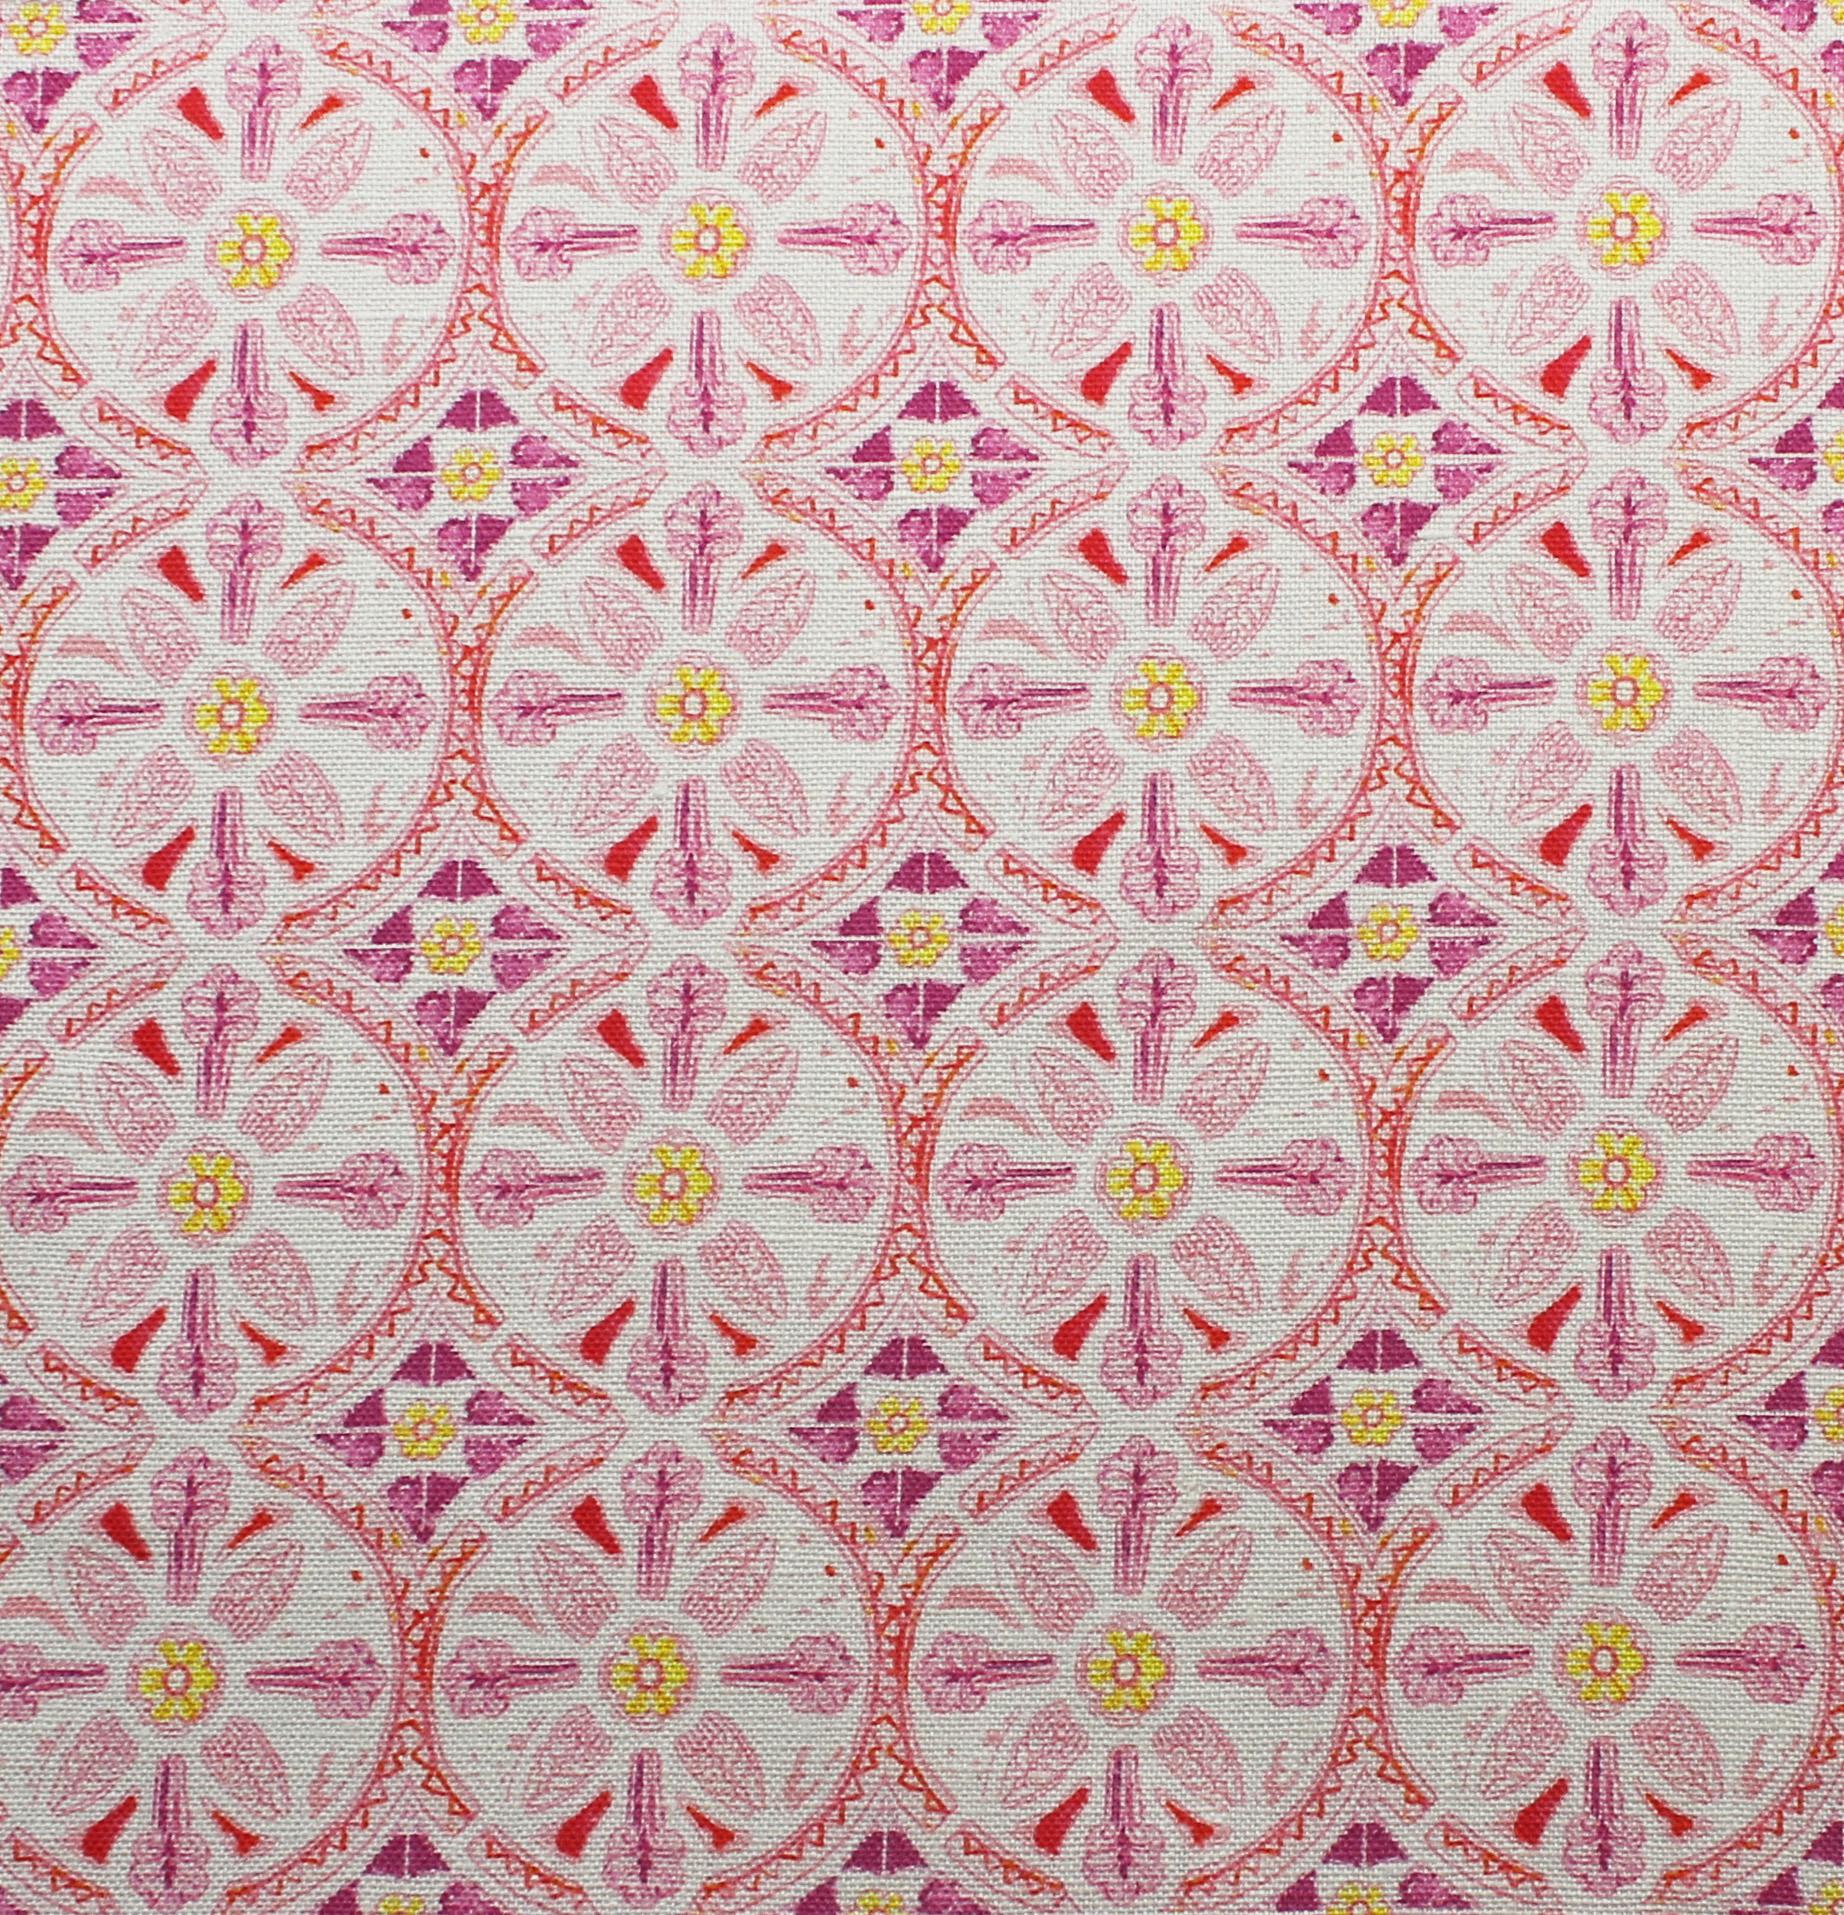 Petite Circle Batik: Pink